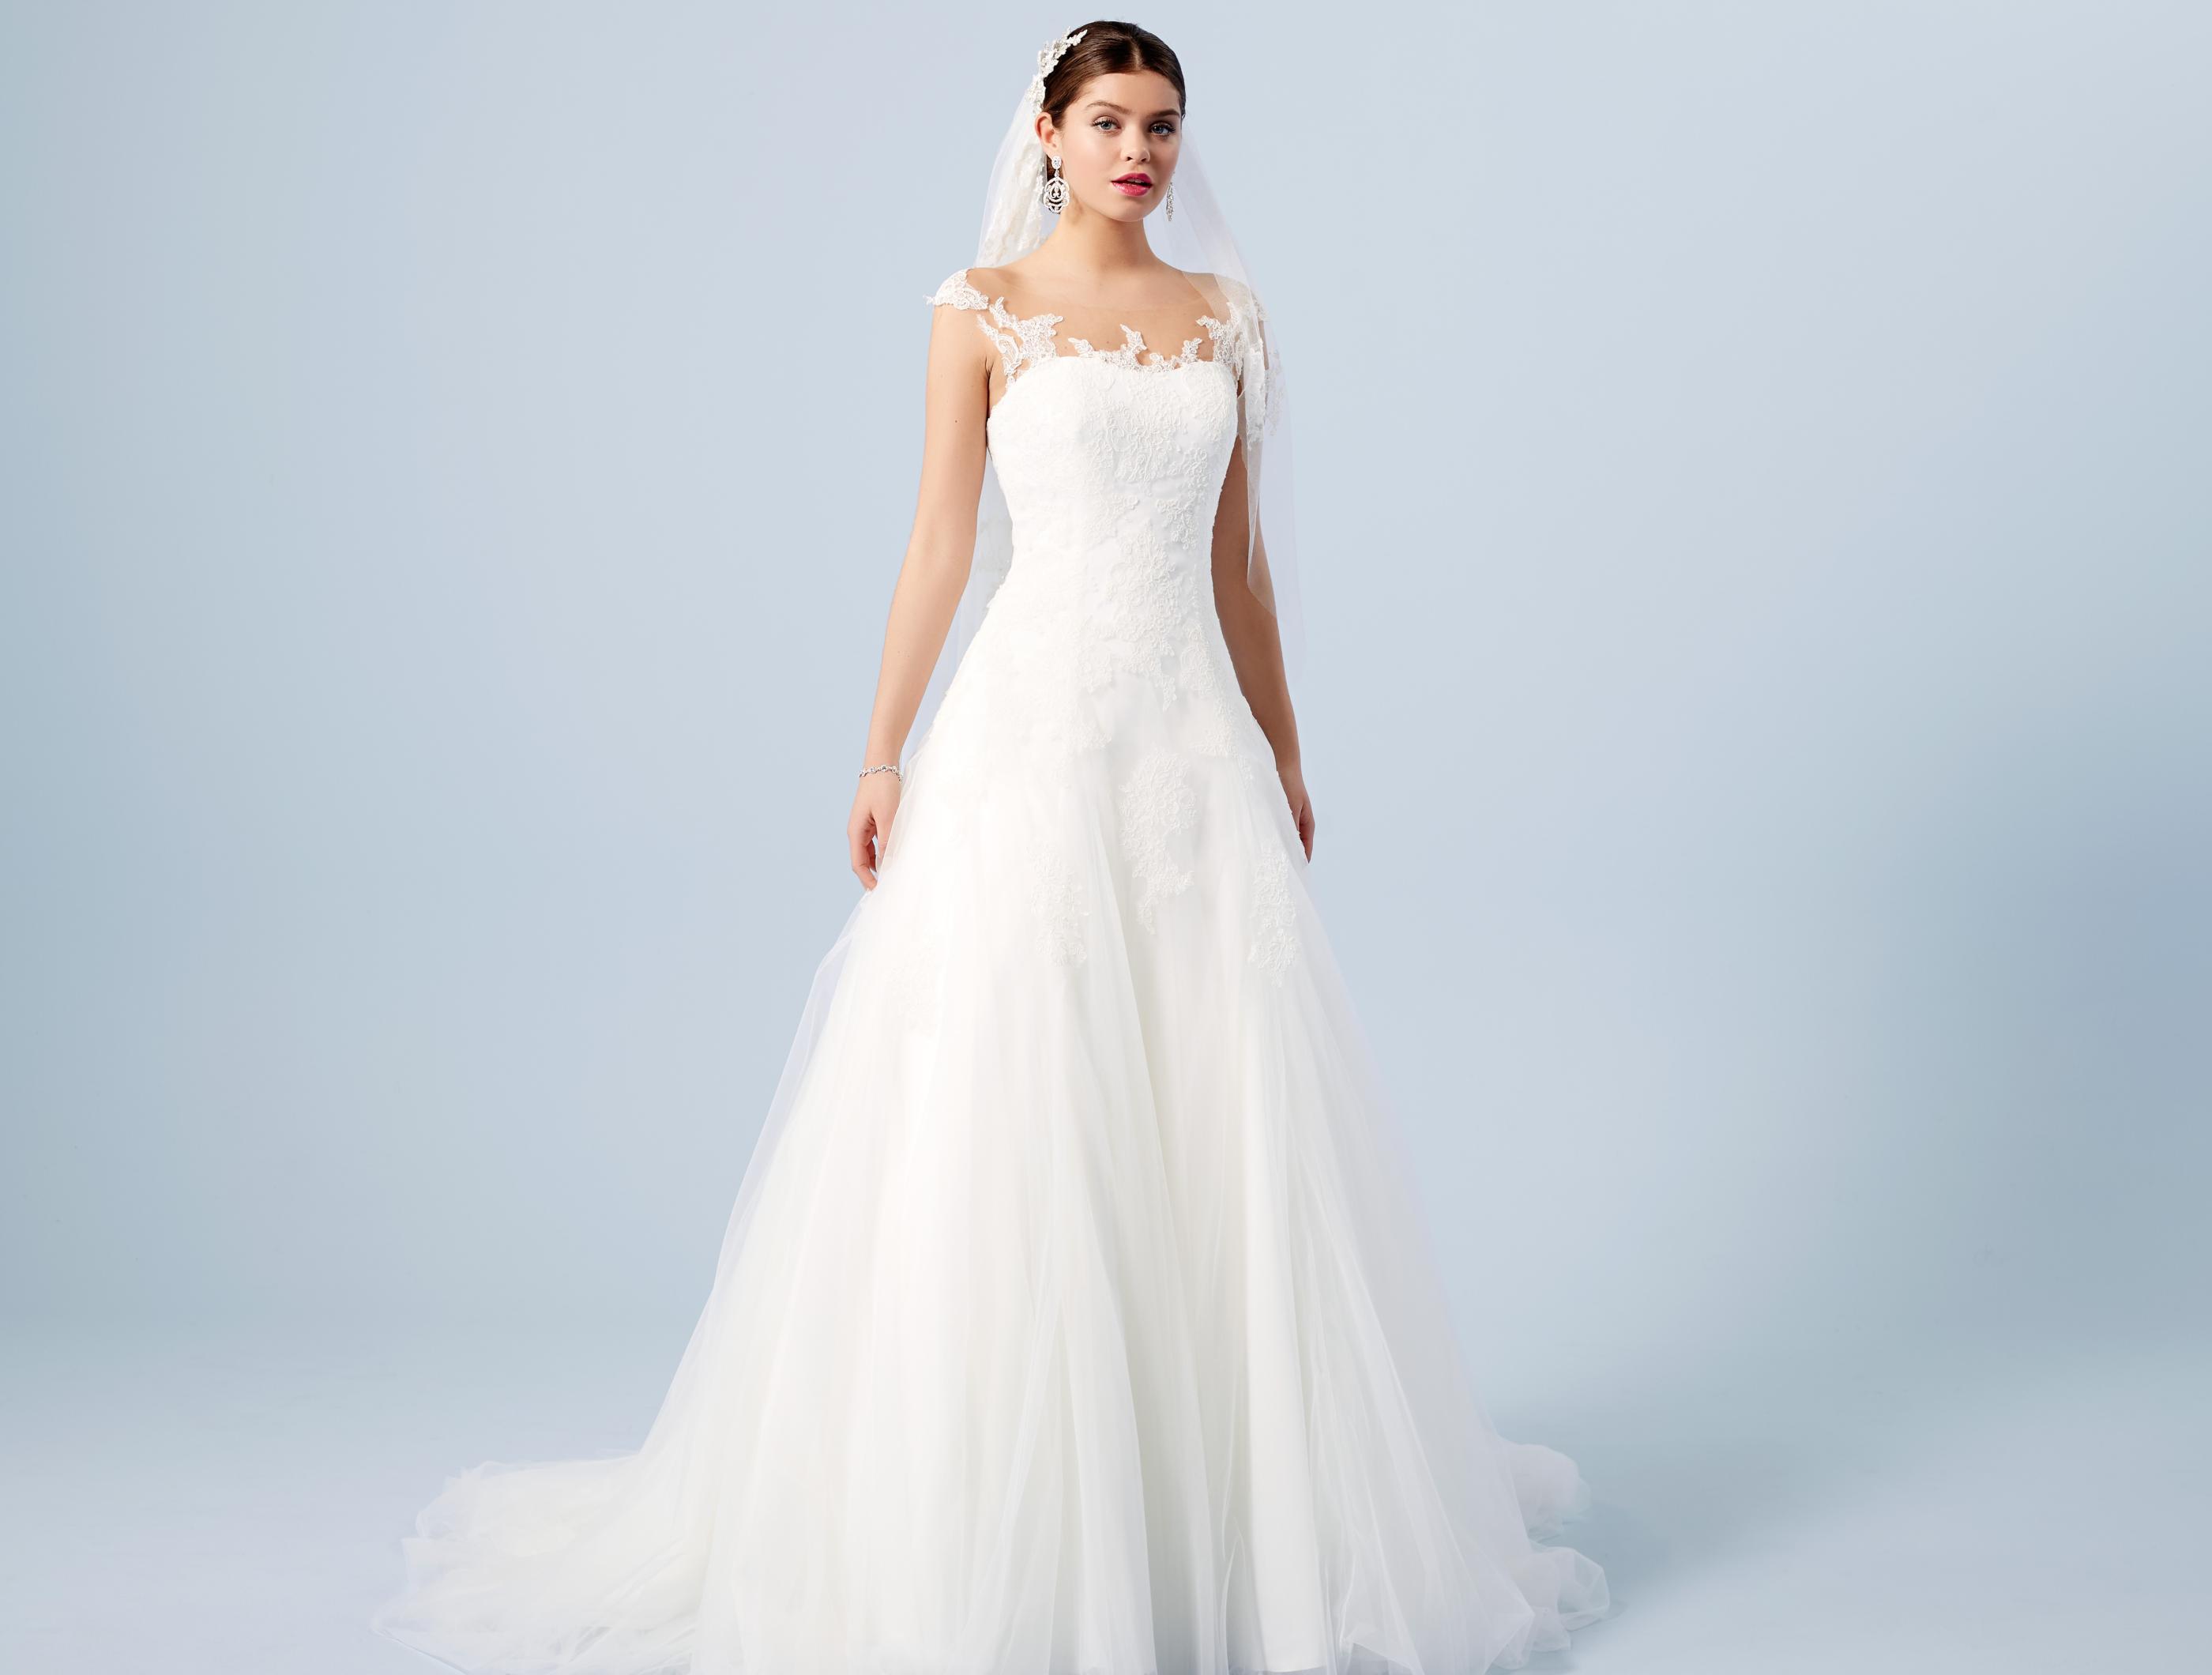 Brautkleider für die Birnenform